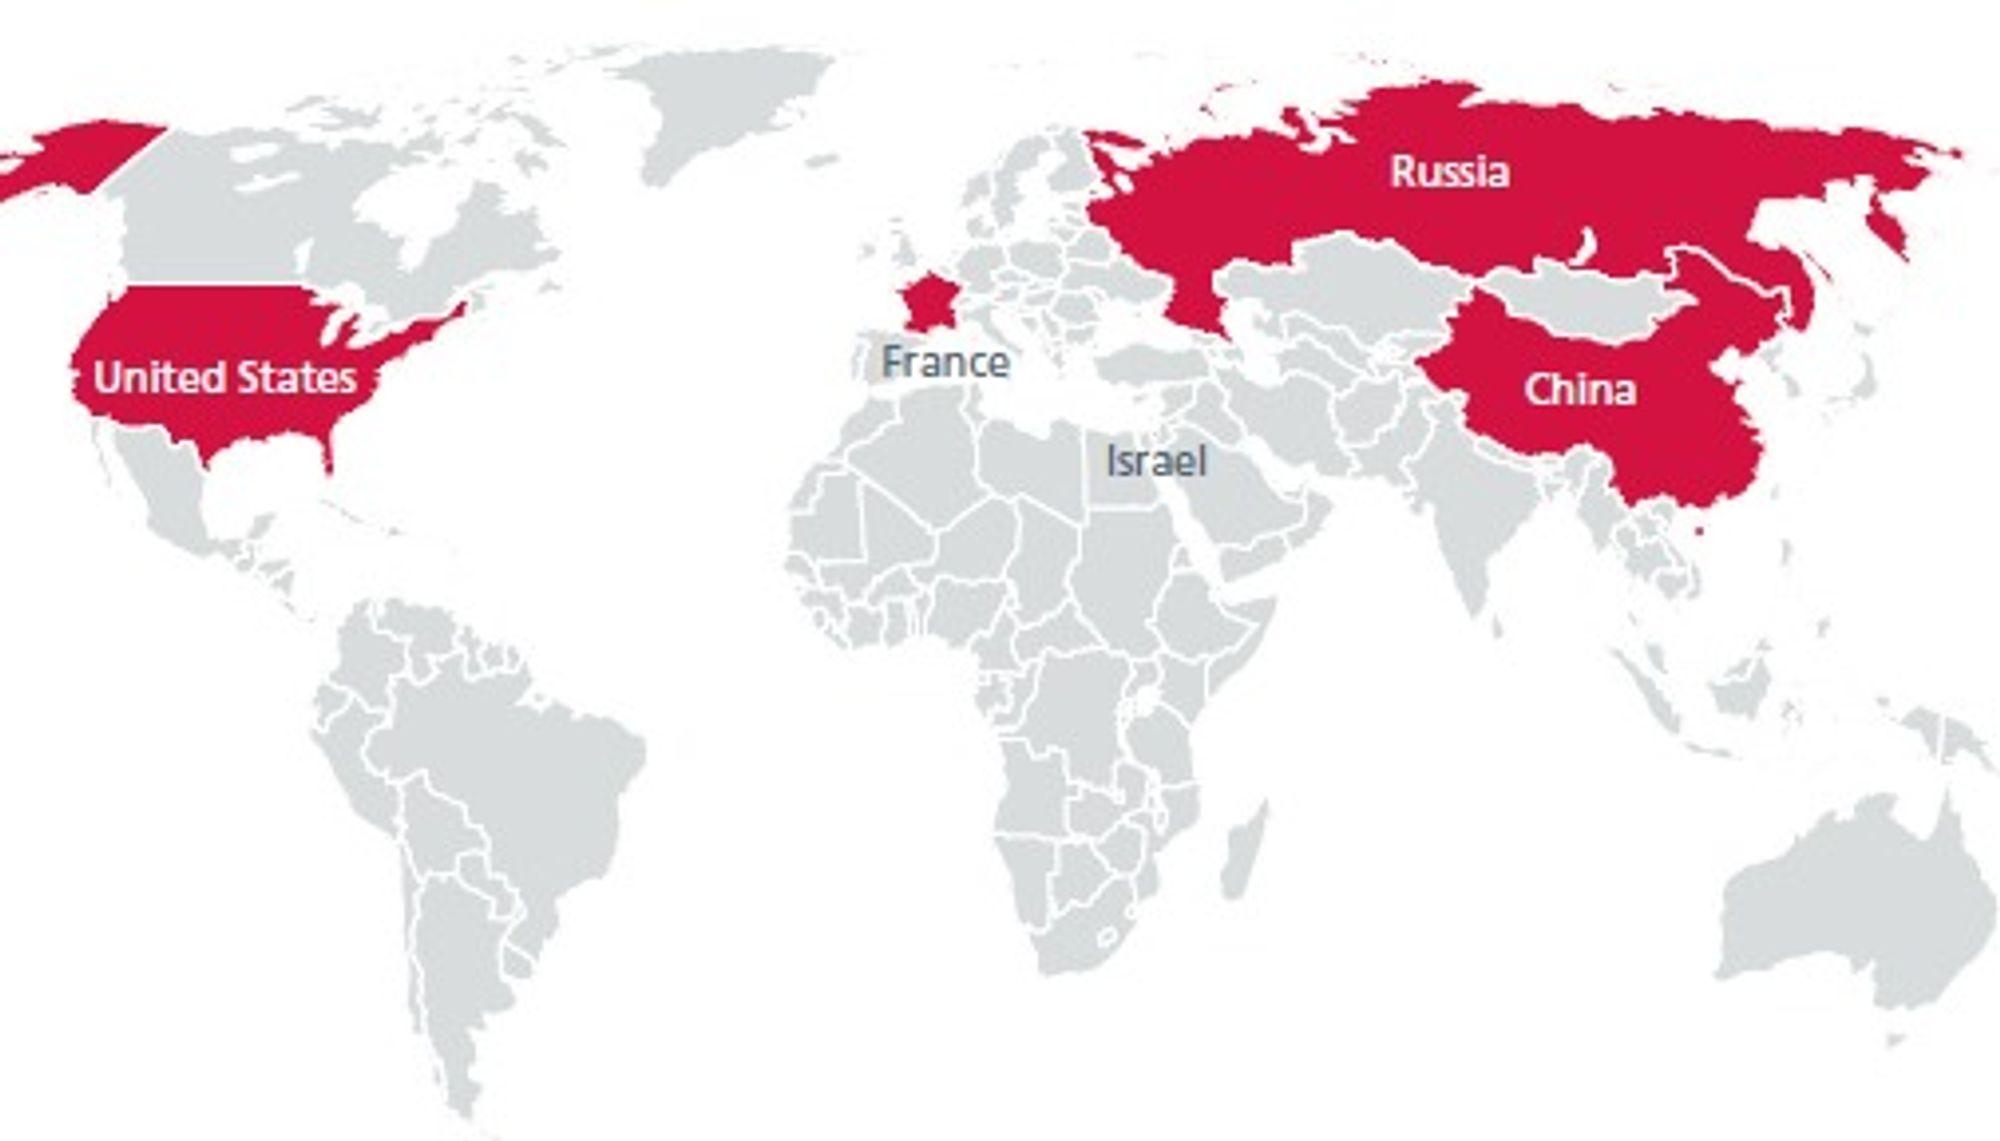 Disse landene er kommet lengst i å utvikle kybervåpen. Eksperter mener det pågår et kybervåpenkappløp.